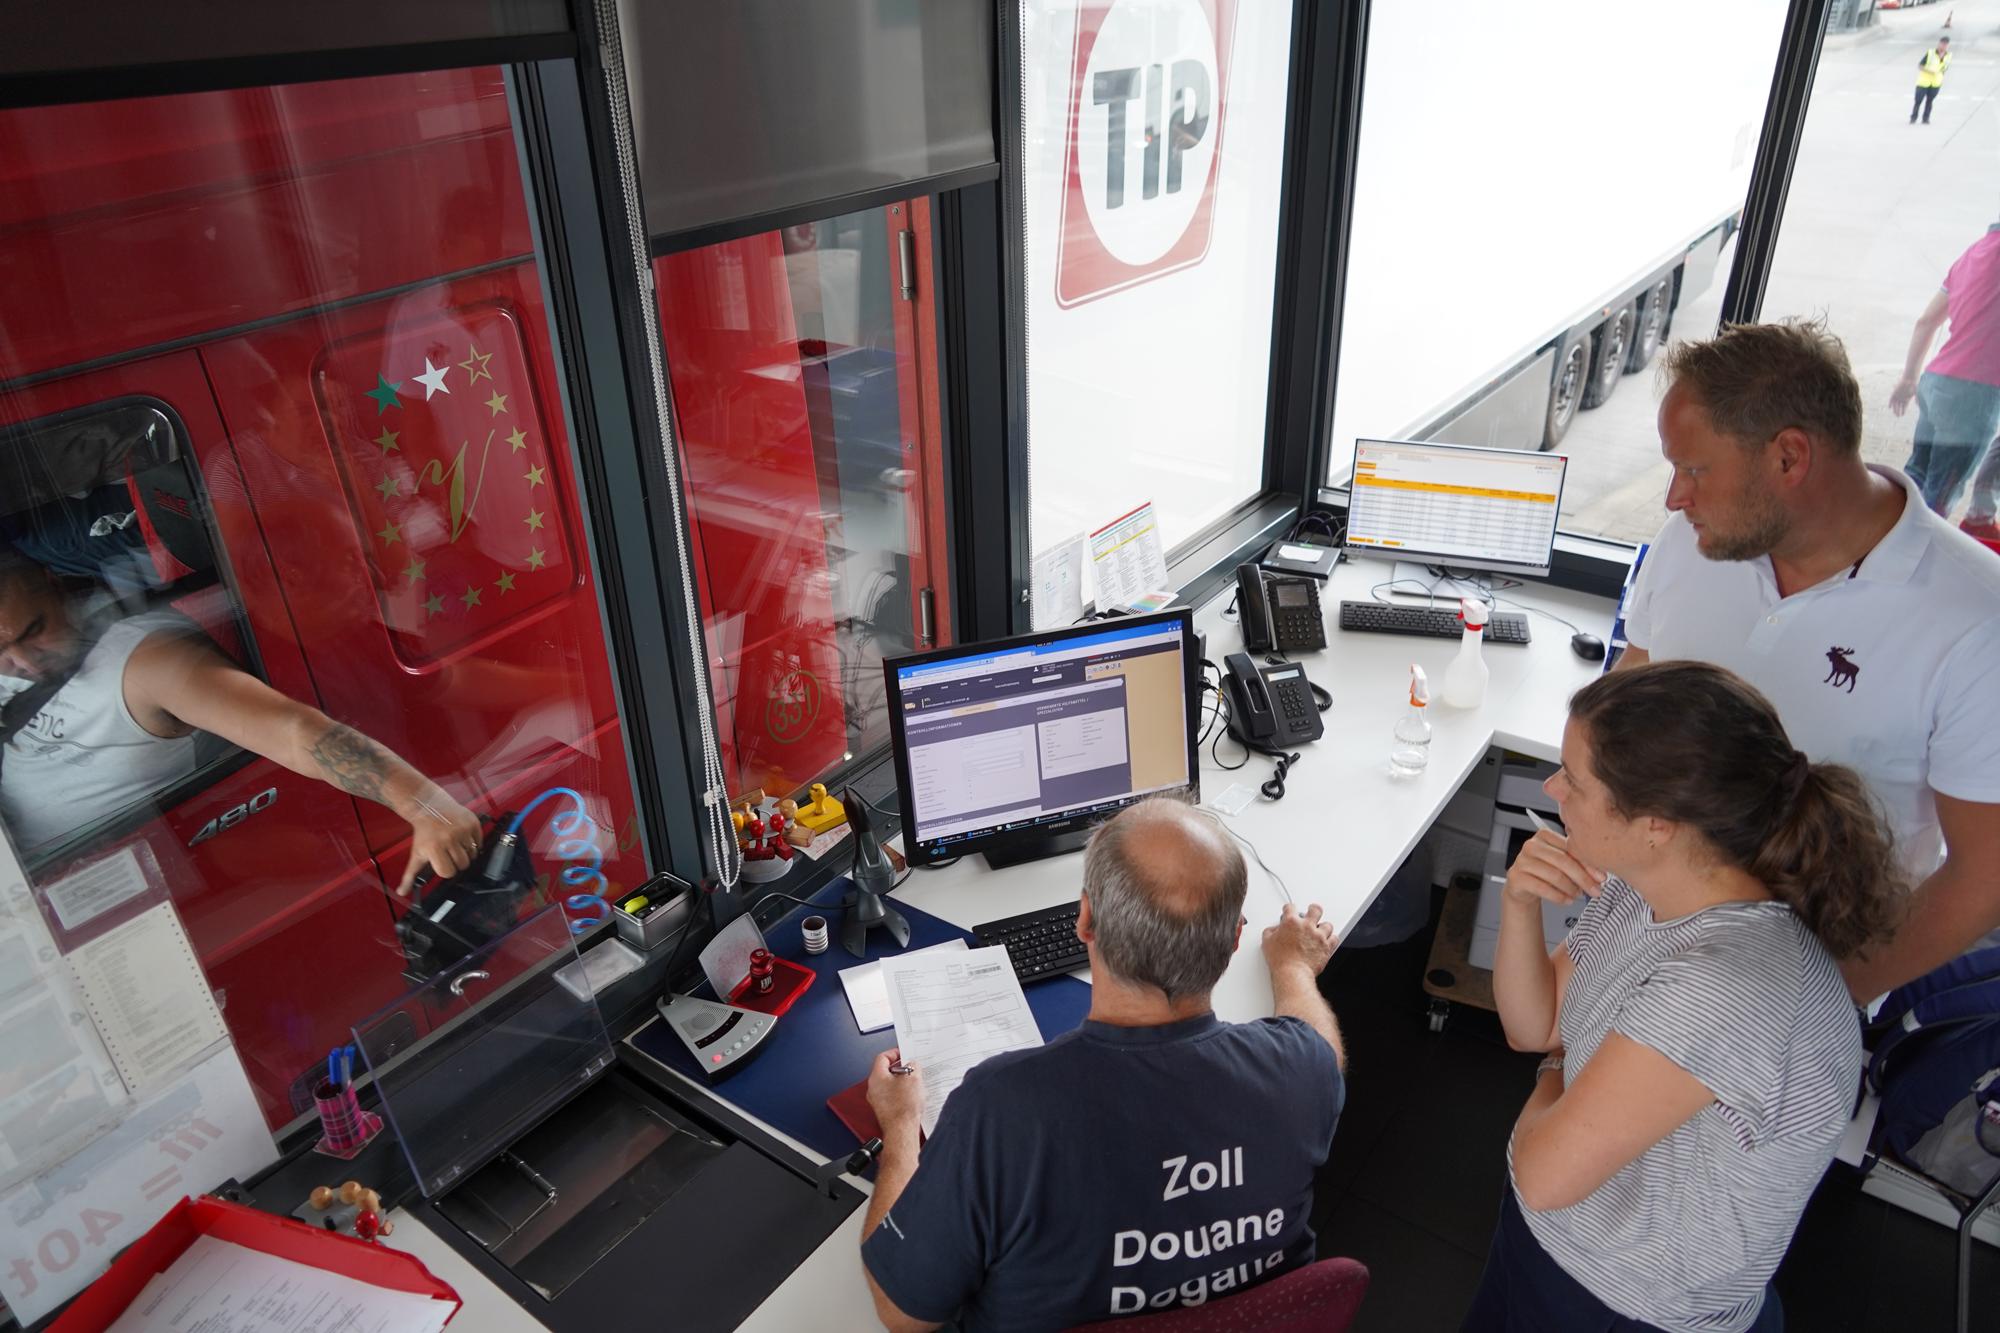 Ein Zollmitarbeiter fertigt in der Hochkabine der Zollstelle einen LKW ab, zwei Personen beobachten ihn dabei.